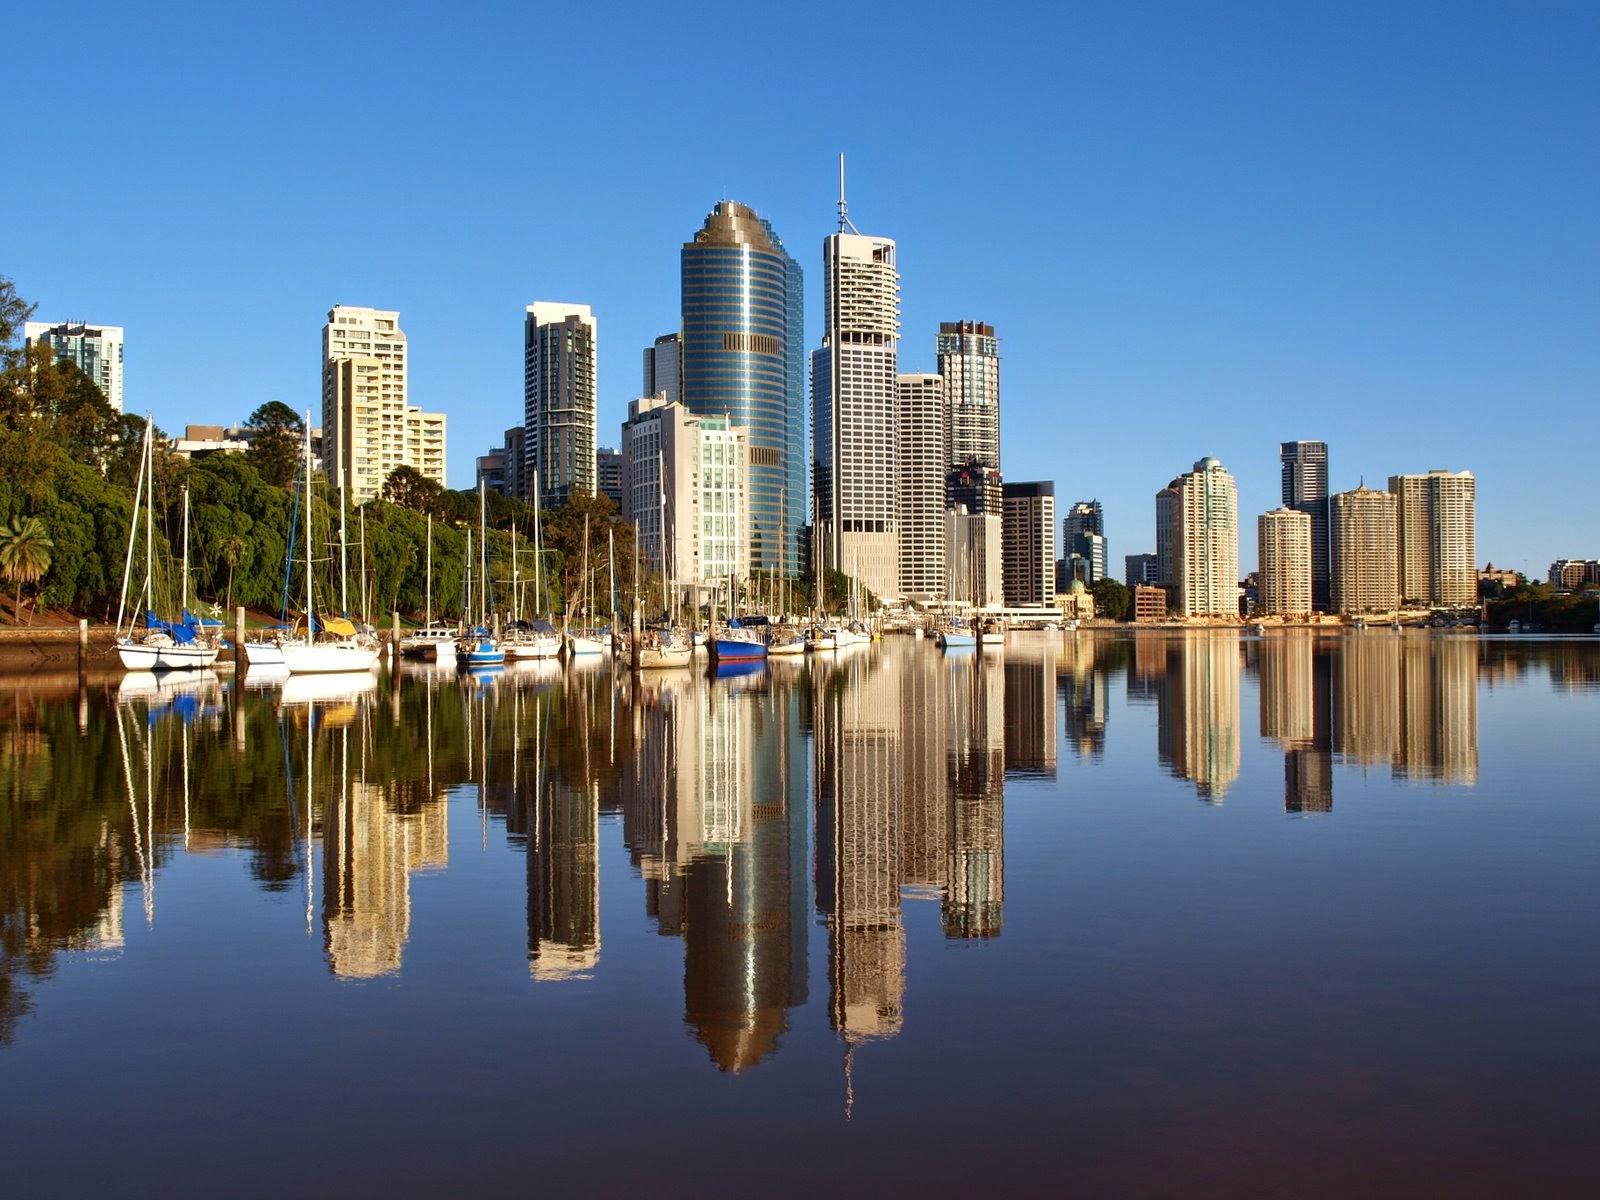 بريسبان اجمل مدن استراليا